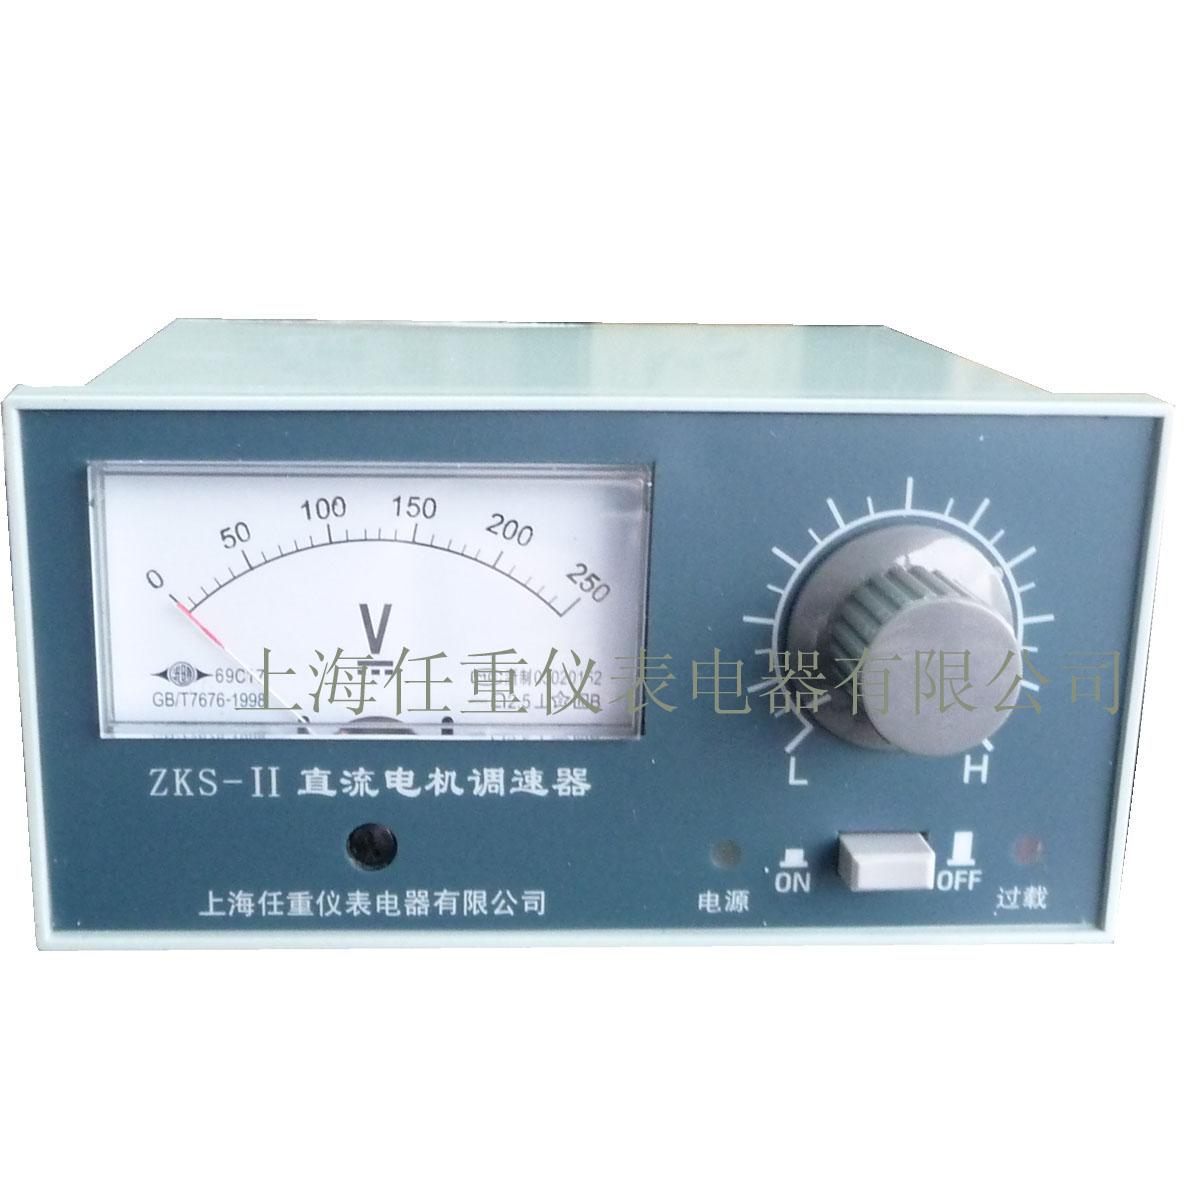 调速器具有体积小、安装方便、调速精度高、价格低等优点,广泛使用于电线、电缆、轻工、纺织、造纸、化工、印染、冶金、煤炭、橡塑、拉丝、挤出机械、炉排控制、医疗器械、食品生产、印刷包装等各种行业,并可与永磁、他激、并激、串激直流电机配套使用。对小型直流电机小于1.